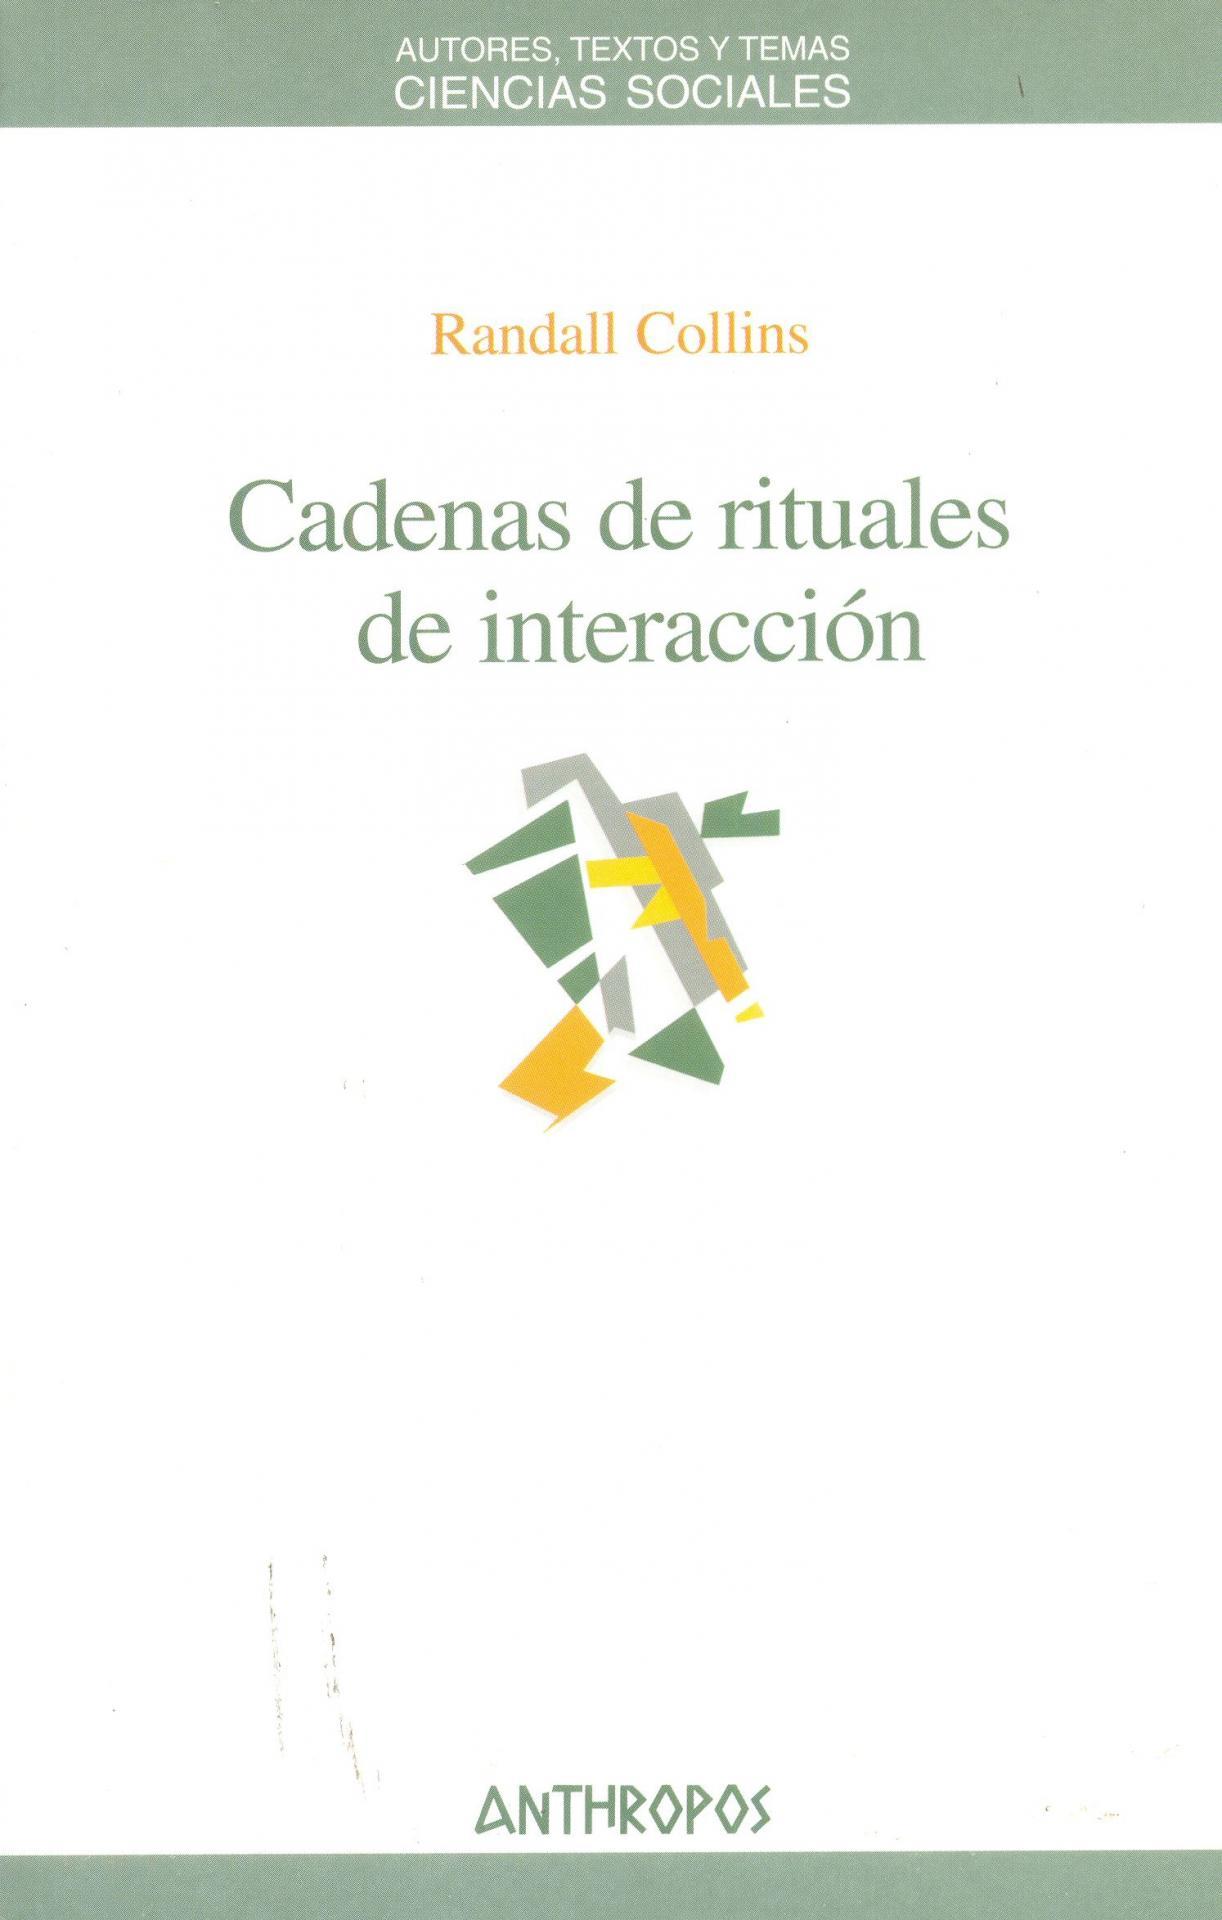 CADENAS RITUALES DE INTERACCIÓN. Collins, R.